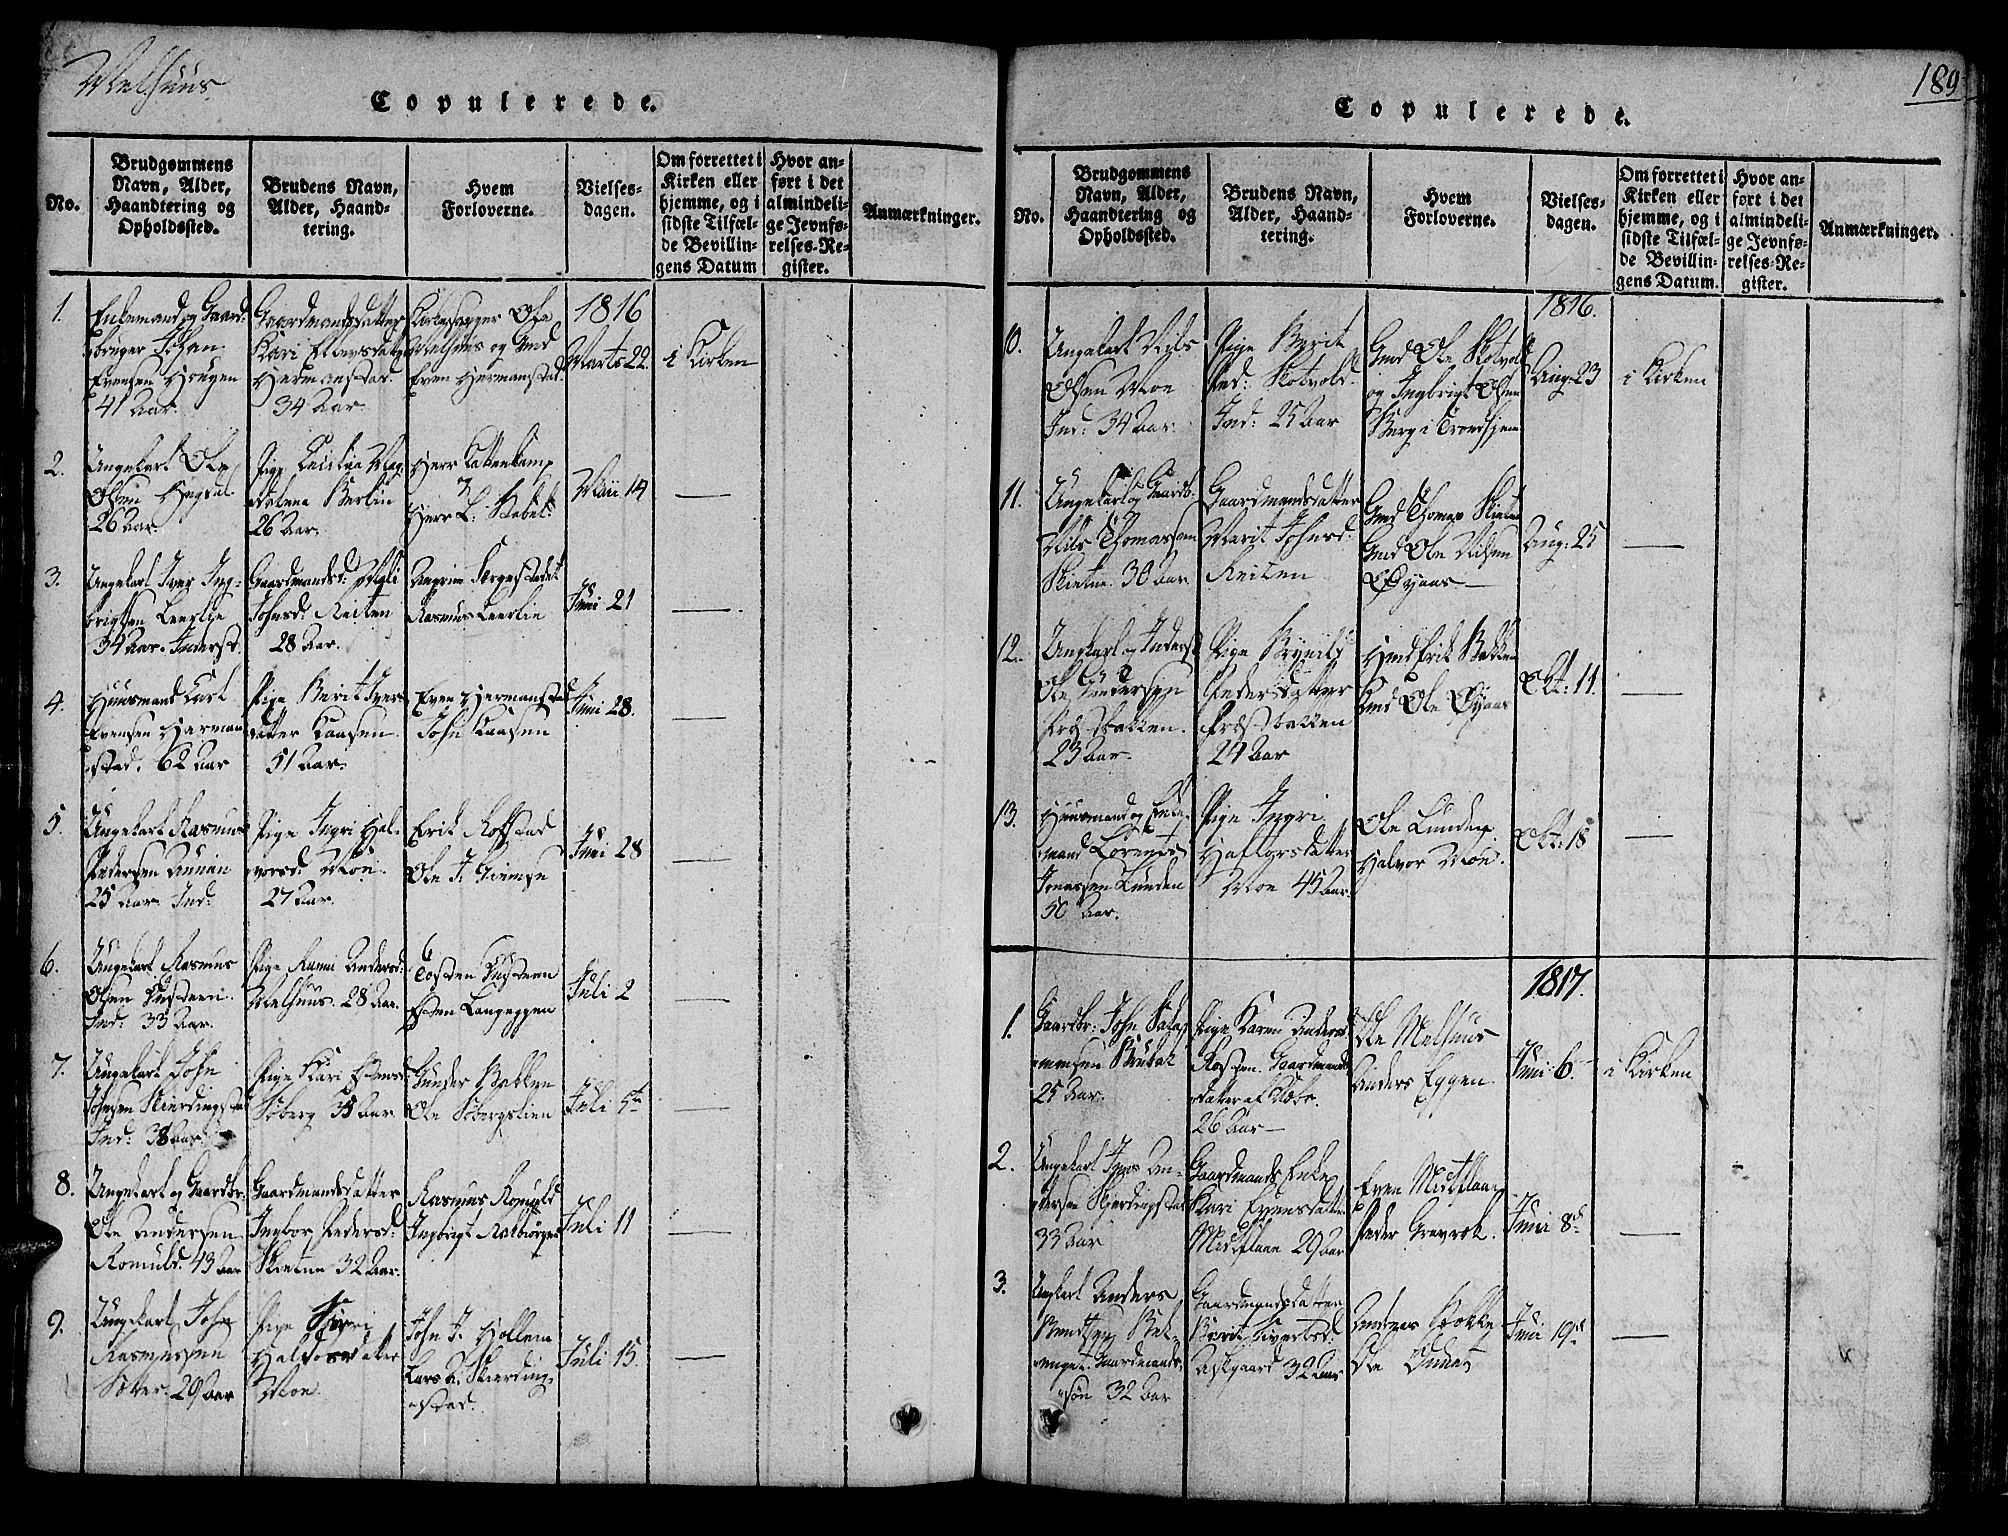 SAT, Ministerialprotokoller, klokkerbøker og fødselsregistre - Sør-Trøndelag, 691/L1065: Ministerialbok nr. 691A03 /1, 1816-1826, s. 189